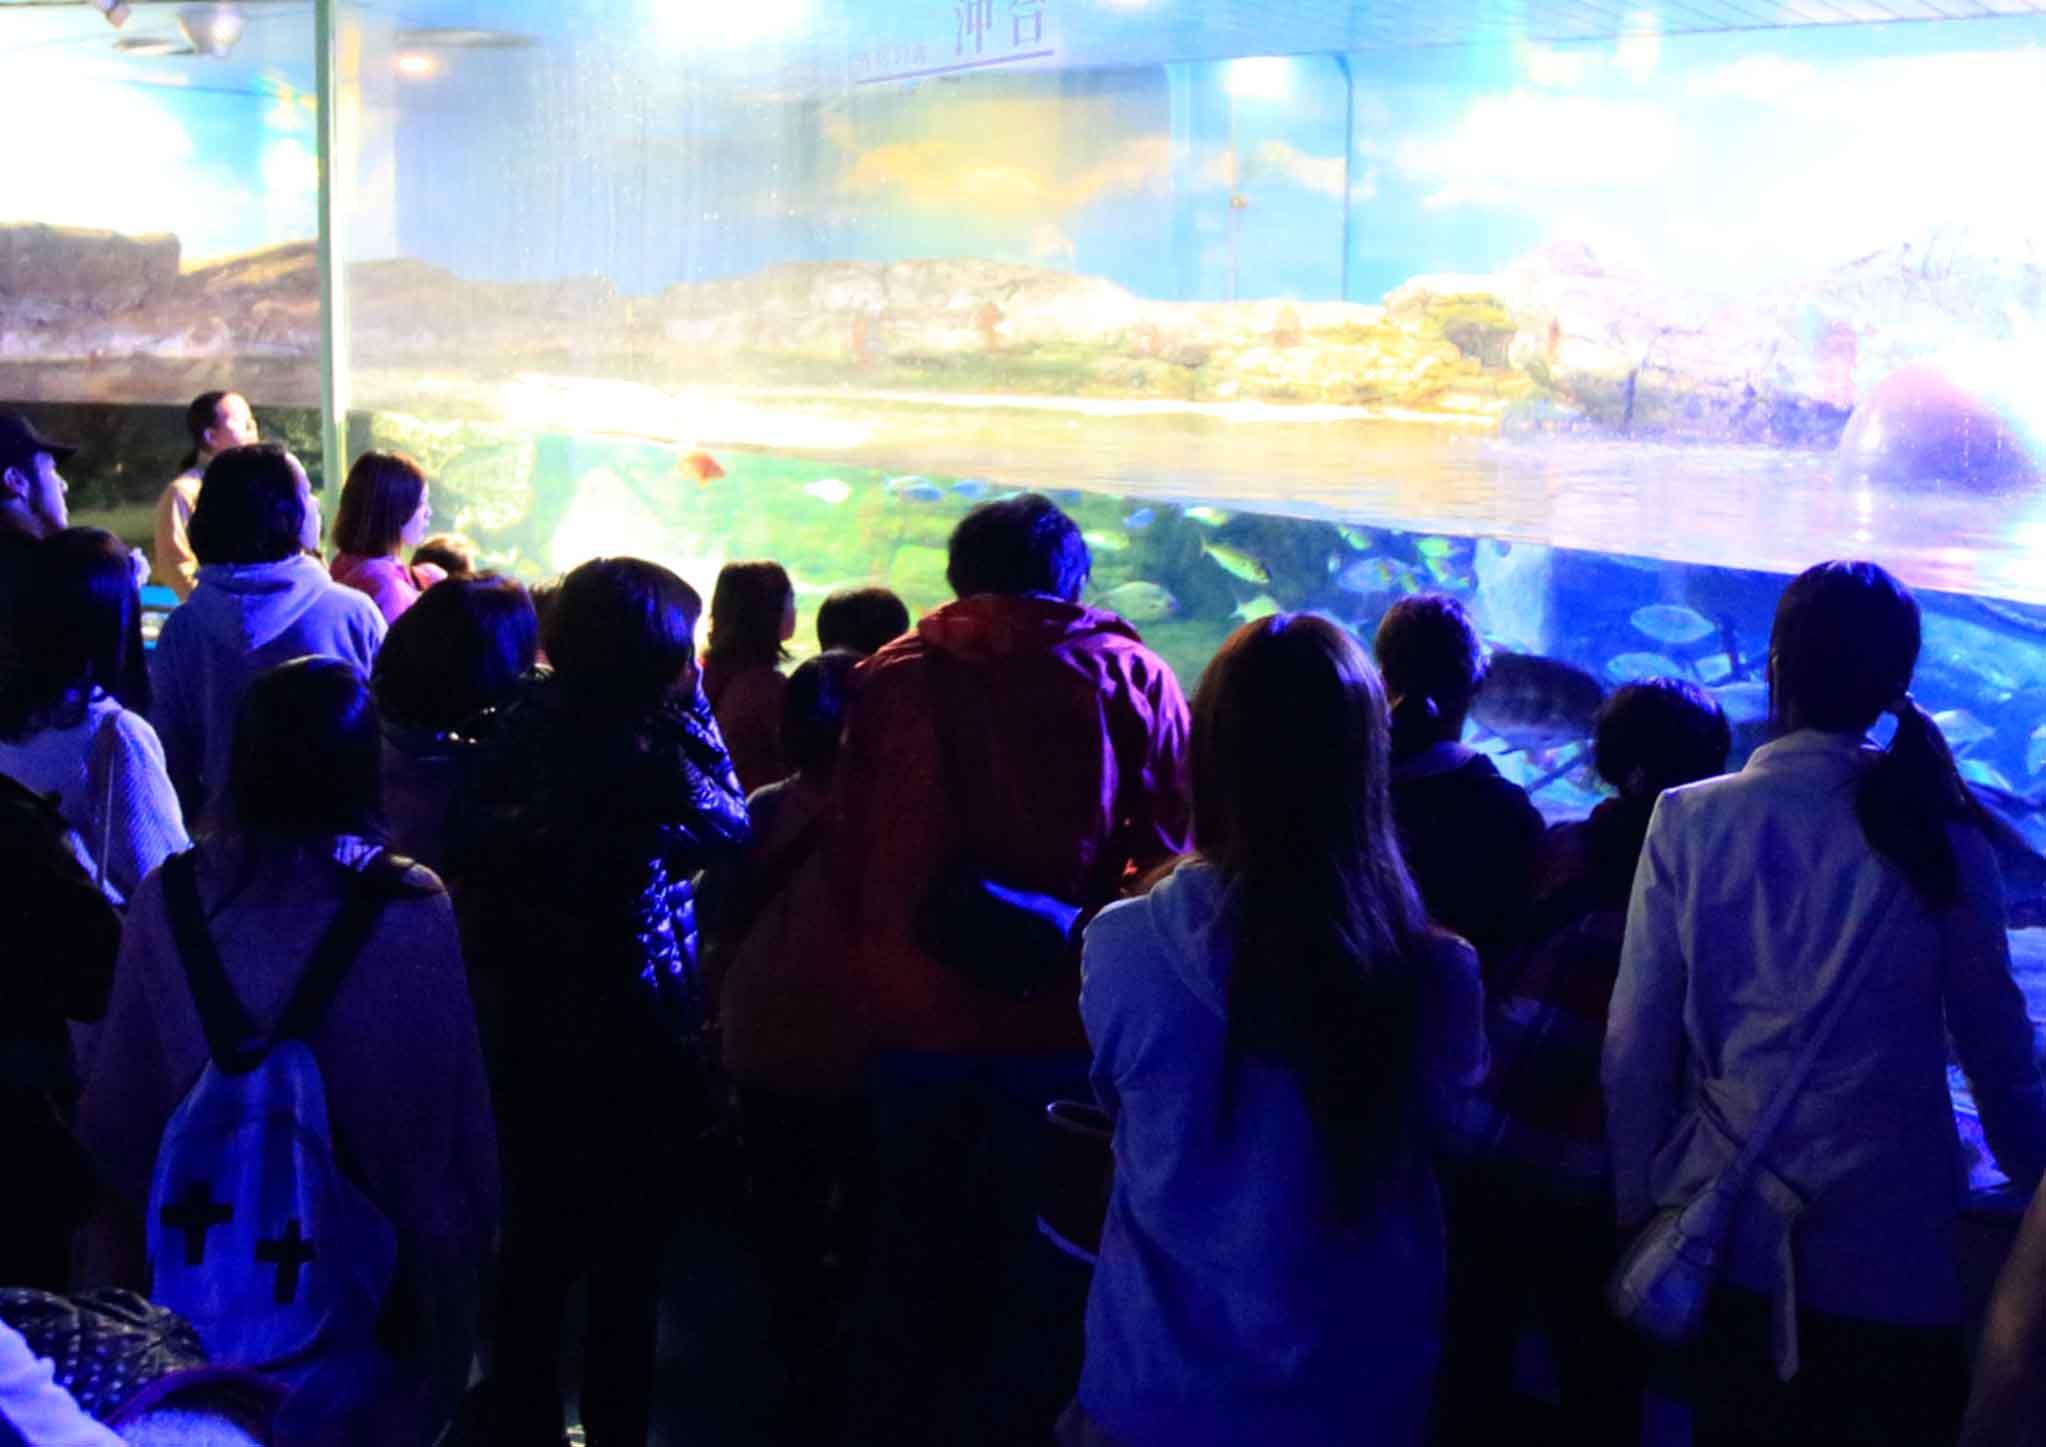 夜の水族館をワクワク探検 鴨川シーワールド「ナイトアドベンチャー」期間限定開催